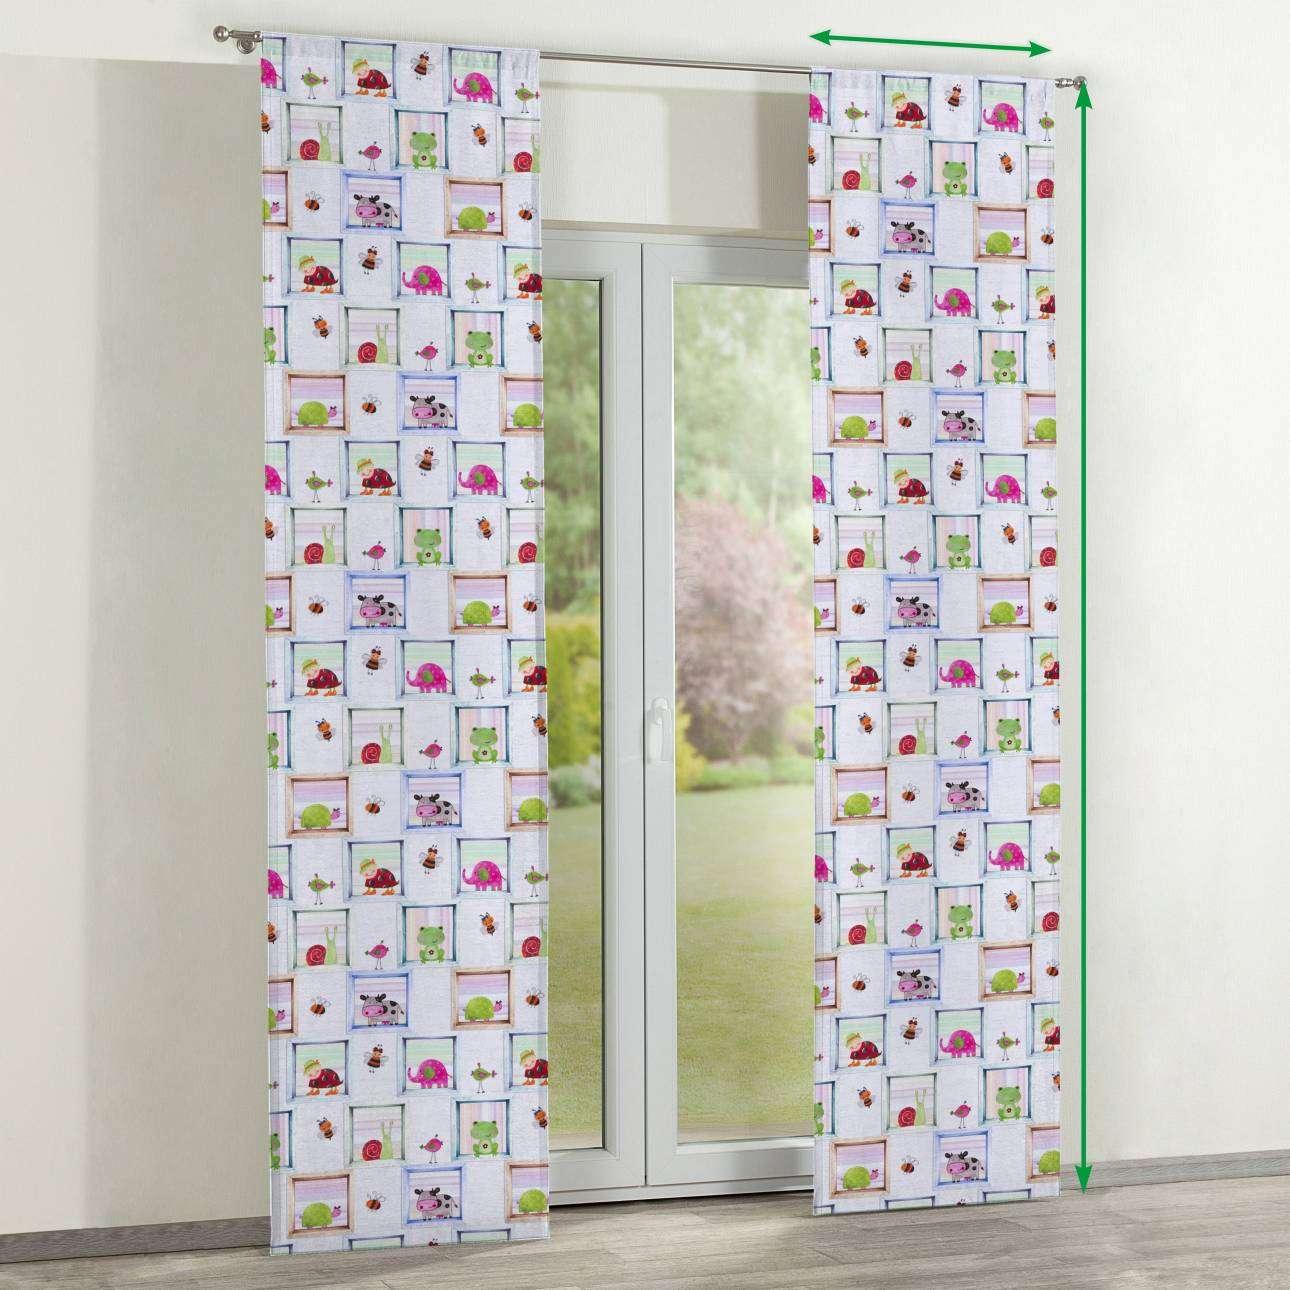 Zasłony panelowe 2 szt. w kolekcji Apanona do -50%, tkanina: 151-04